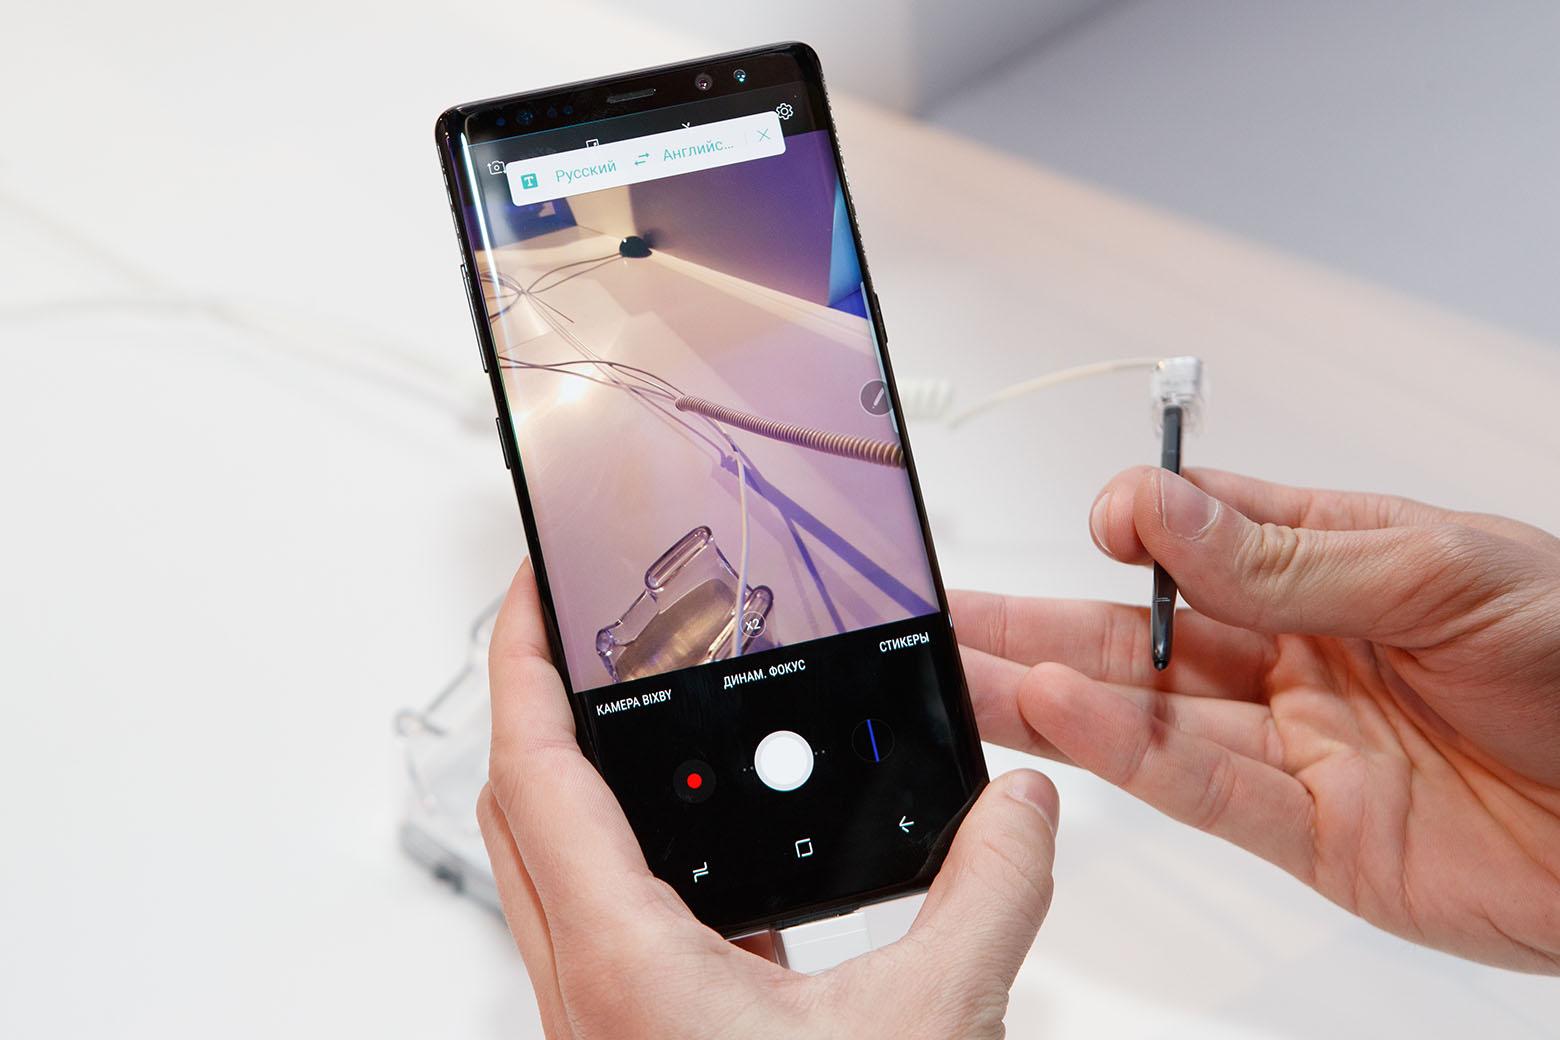 Galaxy Note8 оснащен двумя 12-мегапиксельными основными камерами с оптической стабилизацией изображения.